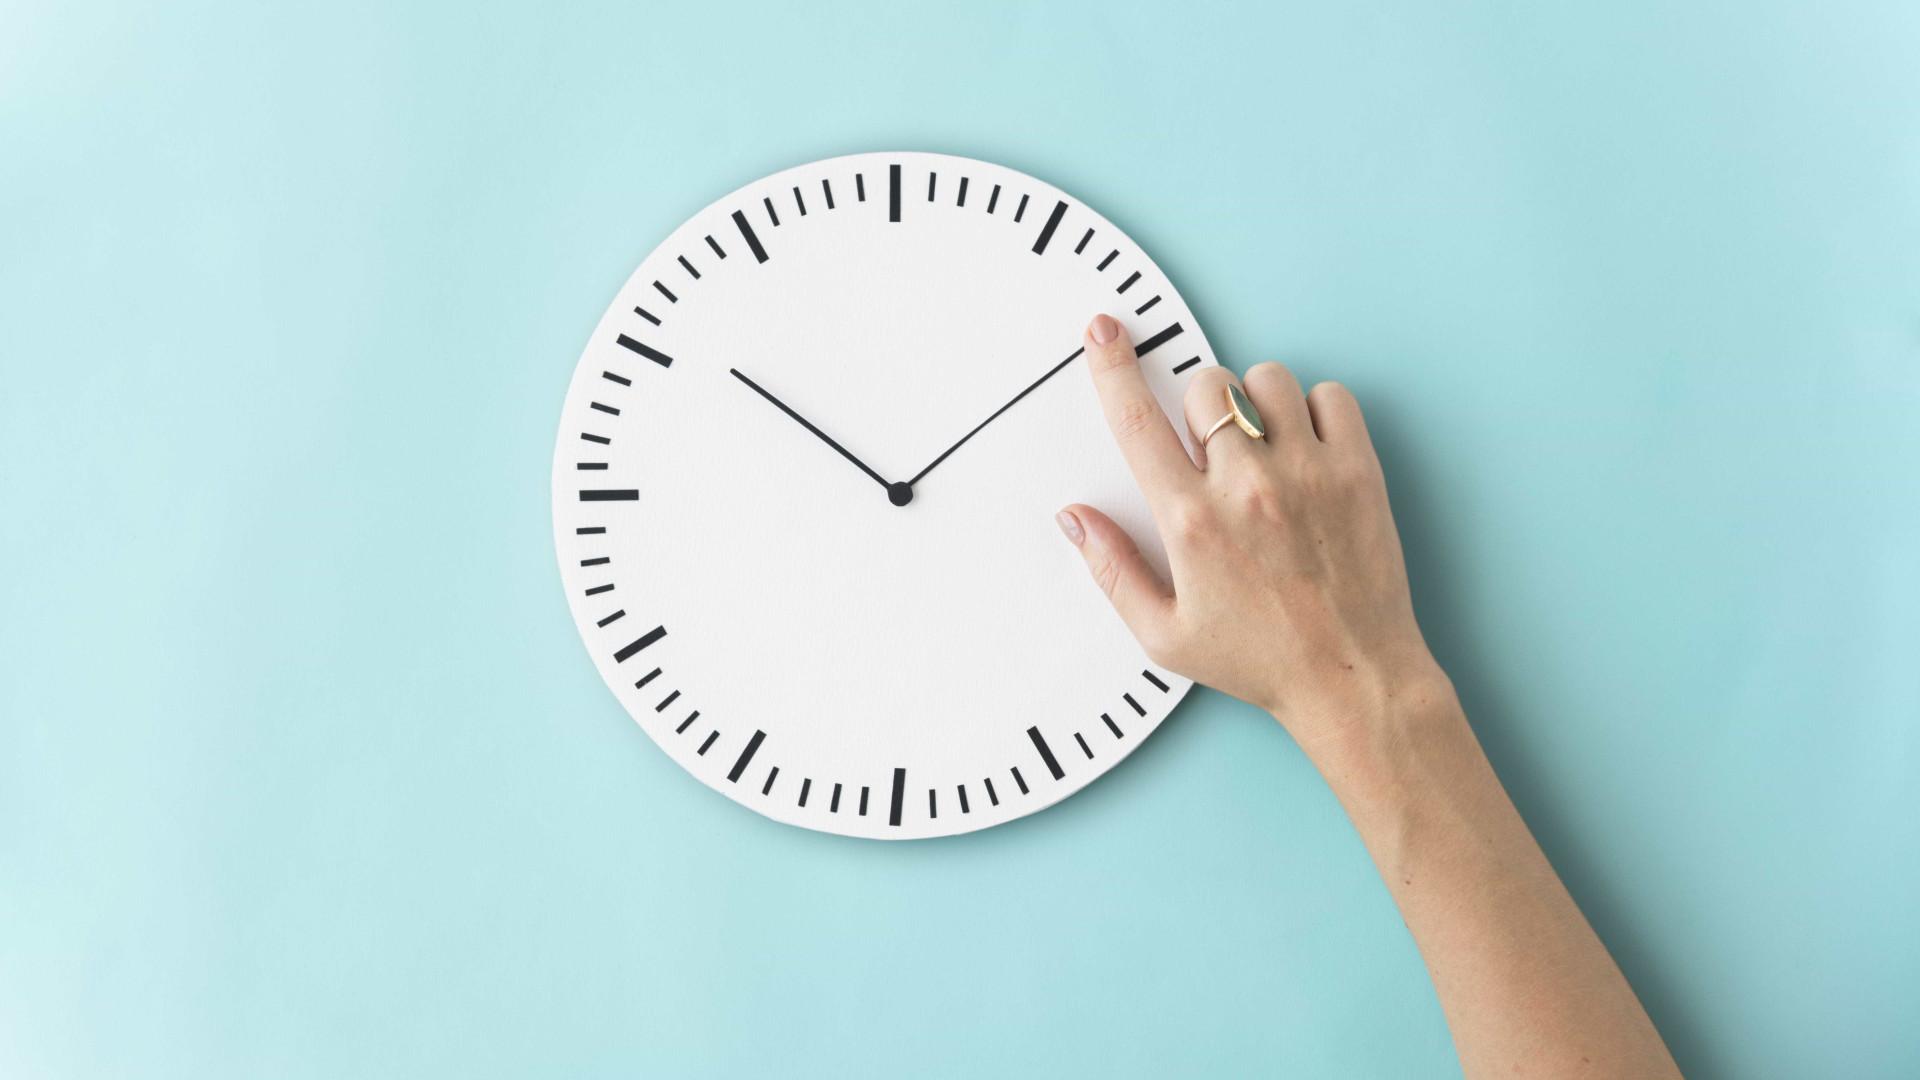 Aprenda a gerir melhor o seu tempo com estas 25 dicas